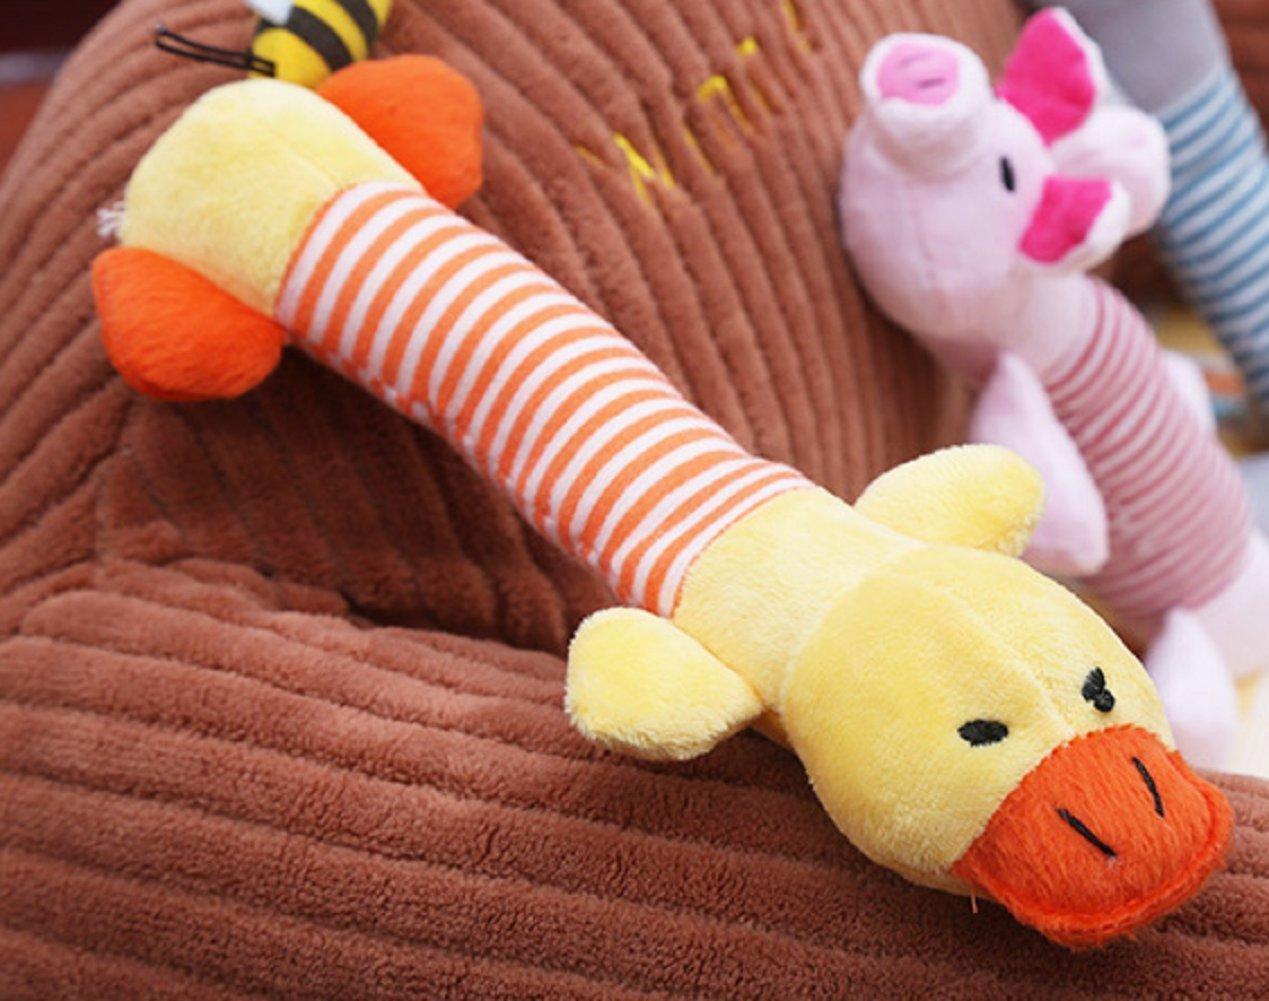 Isuper squeaky peluche elefante e anatra giocattoli peluche da masticare per i animali domestici